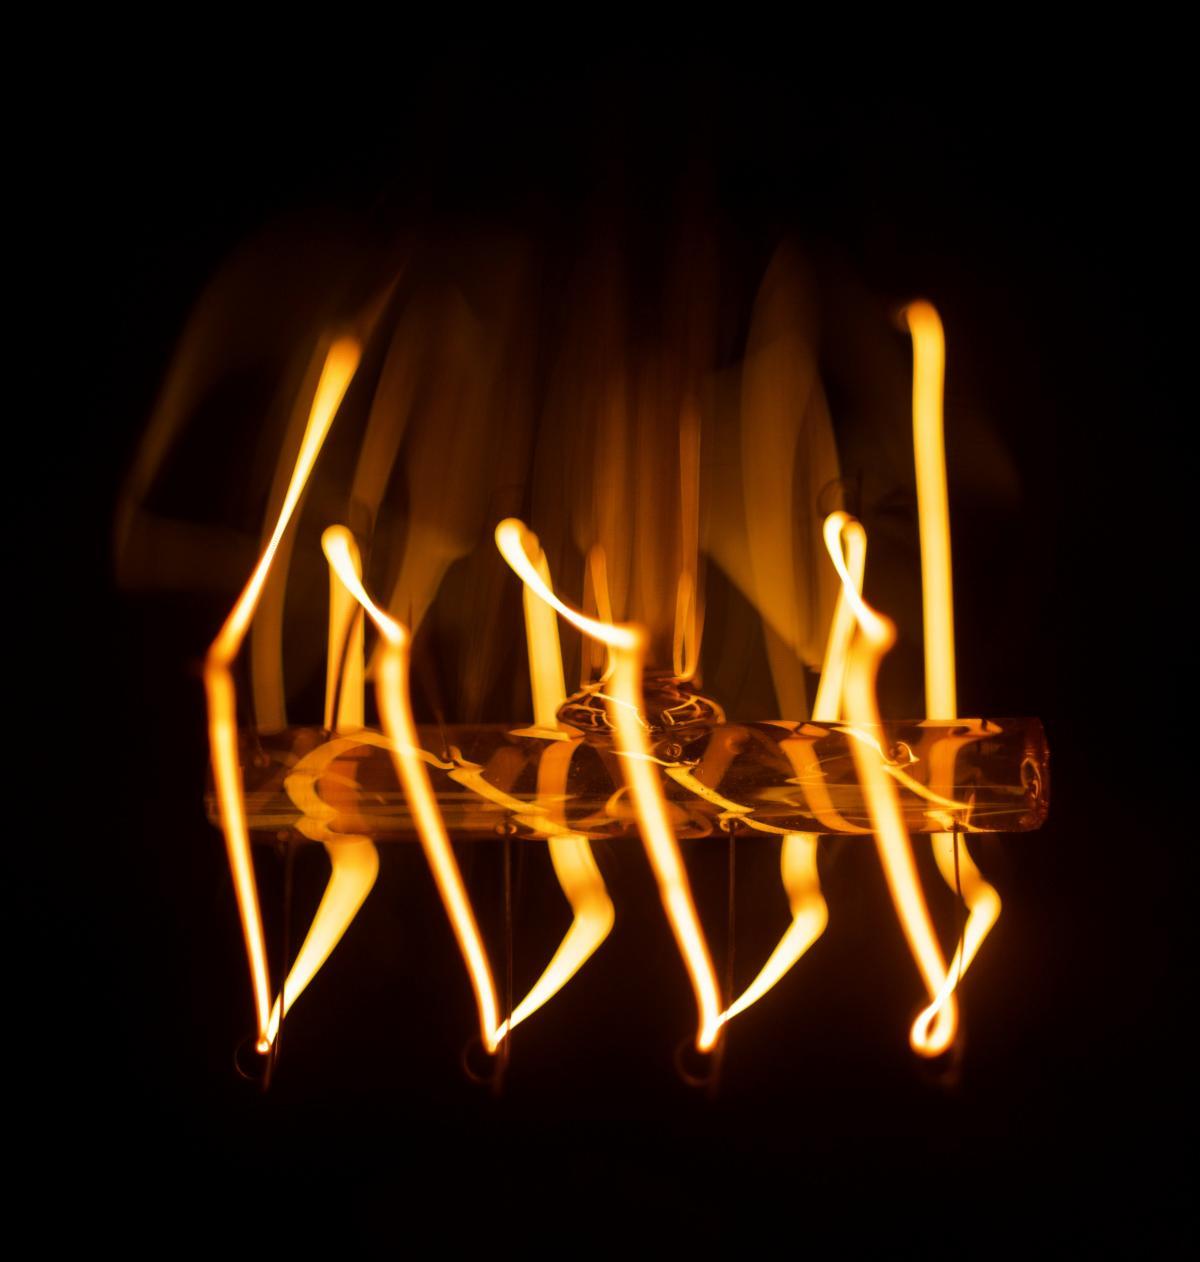 Matchstick Stick Fire